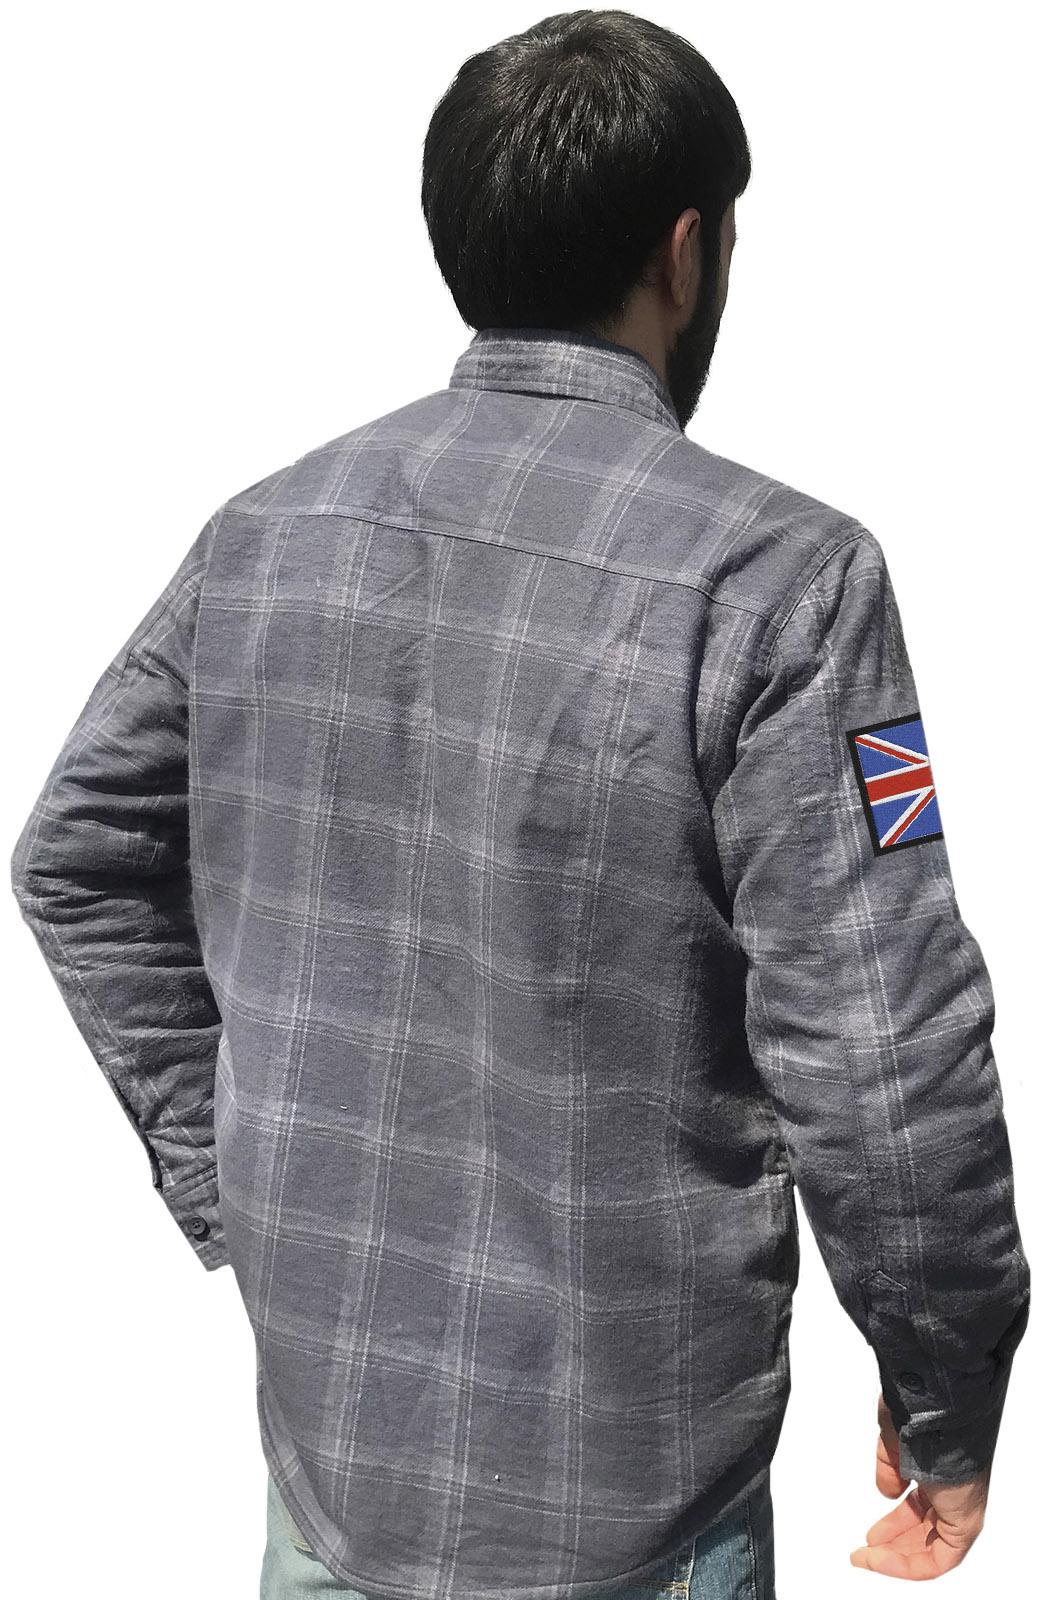 Купить крутую рубашку с вышитым флагом Великобритании оптом выгодно